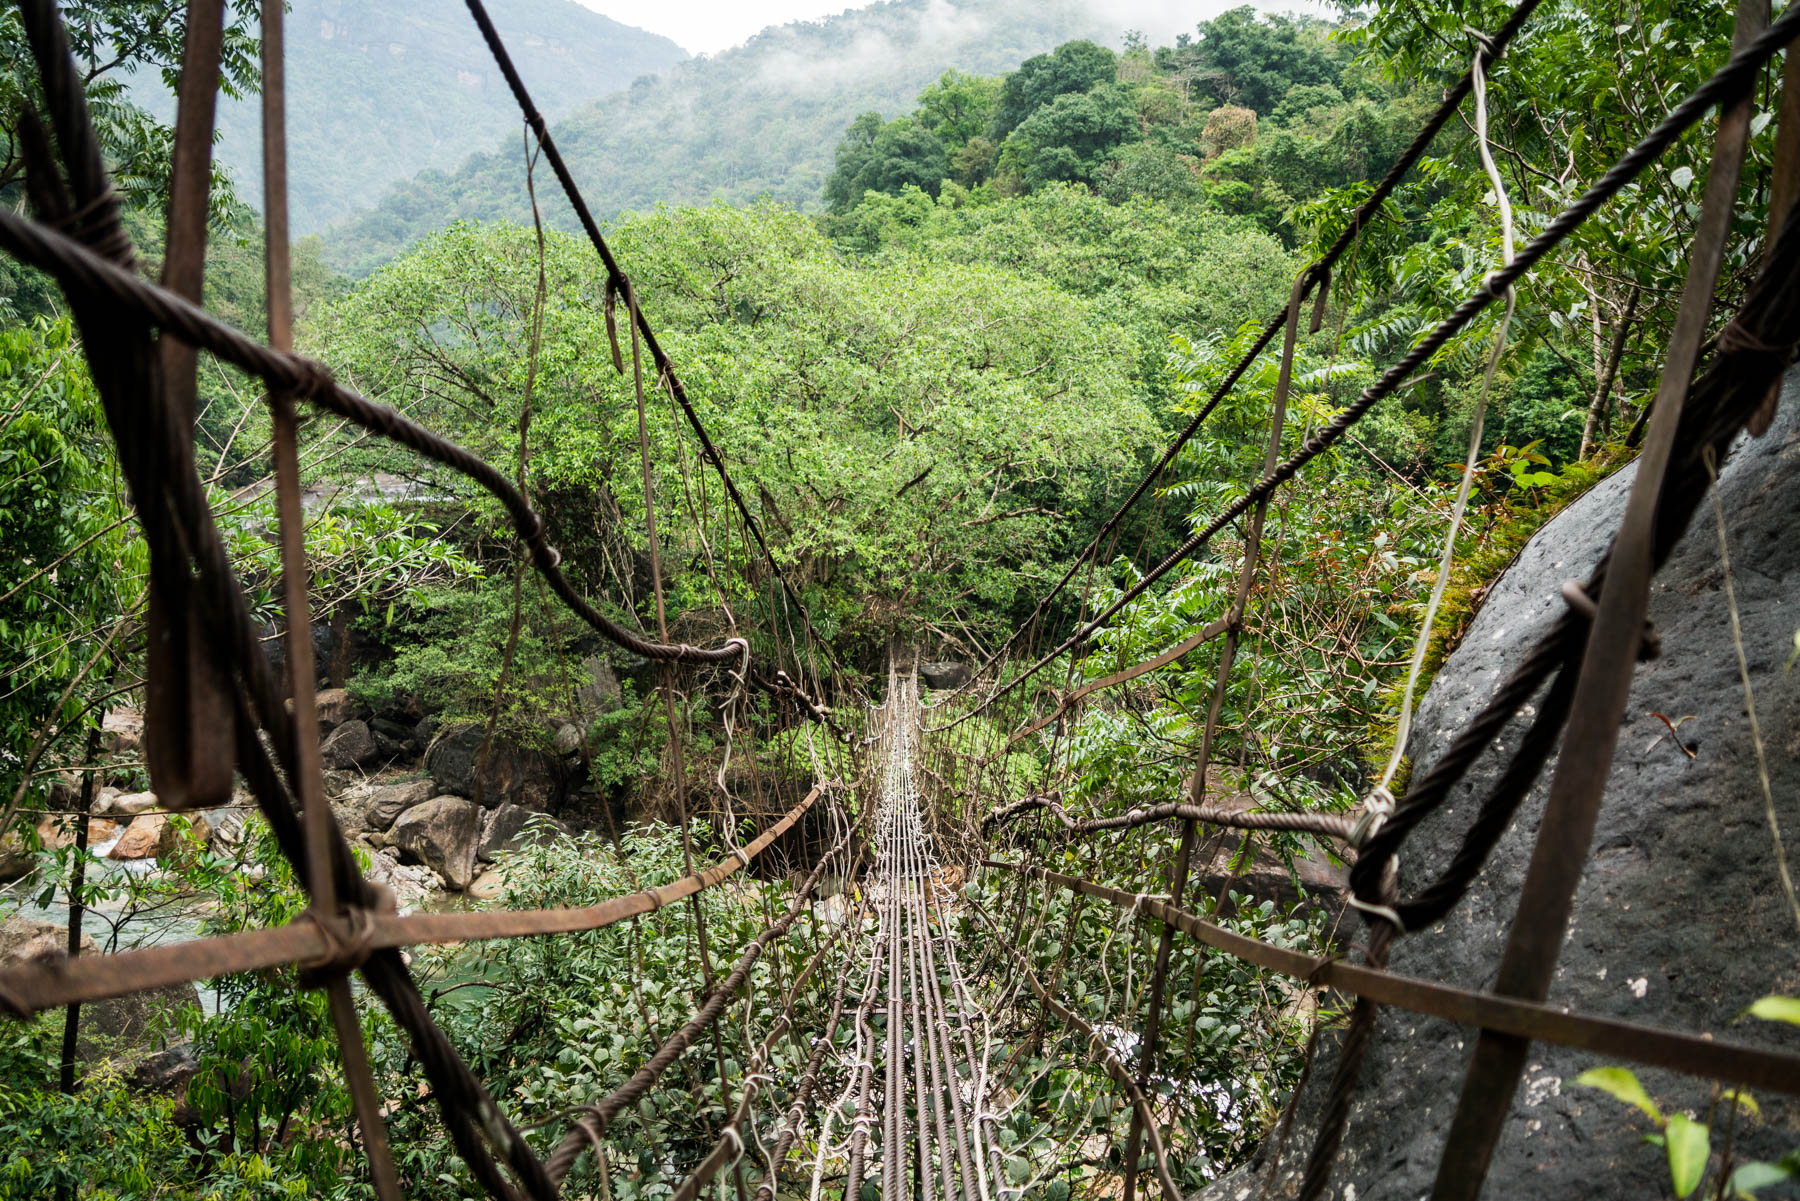 Cable suspension bridge near Nongriat